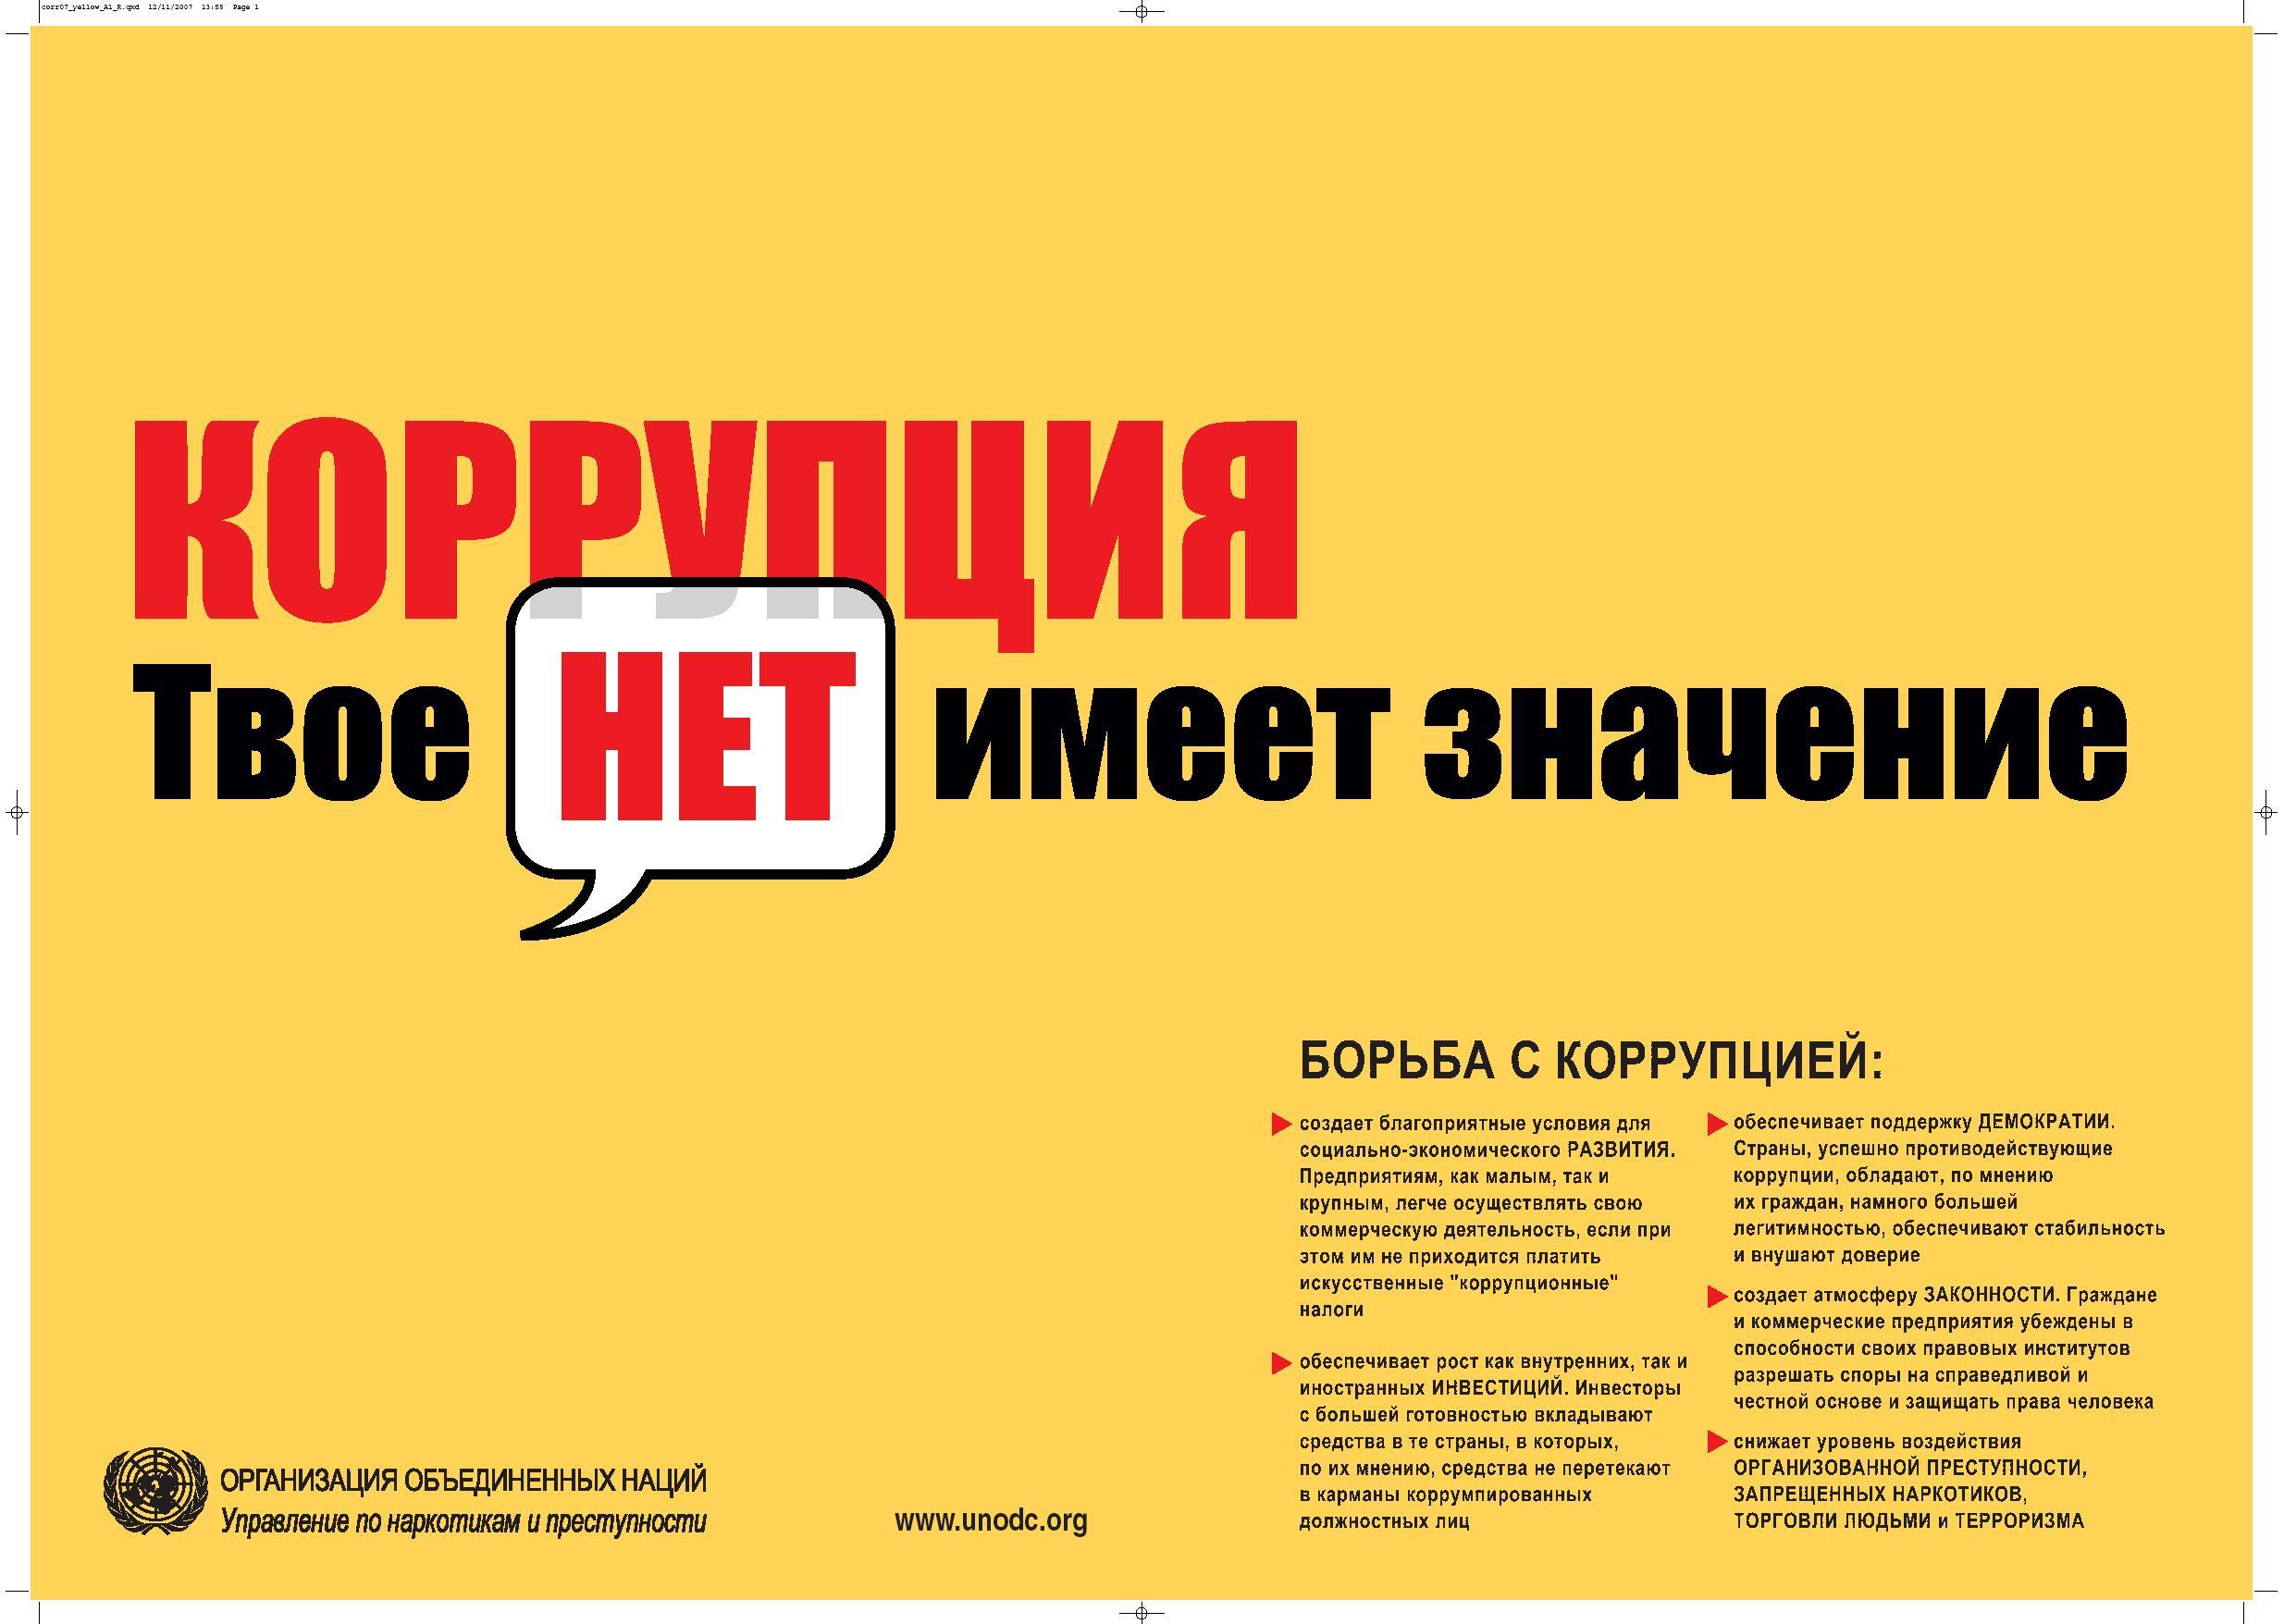 Международный день борьбы с коррупцией Википедия Международный день борьбы с коррупцией